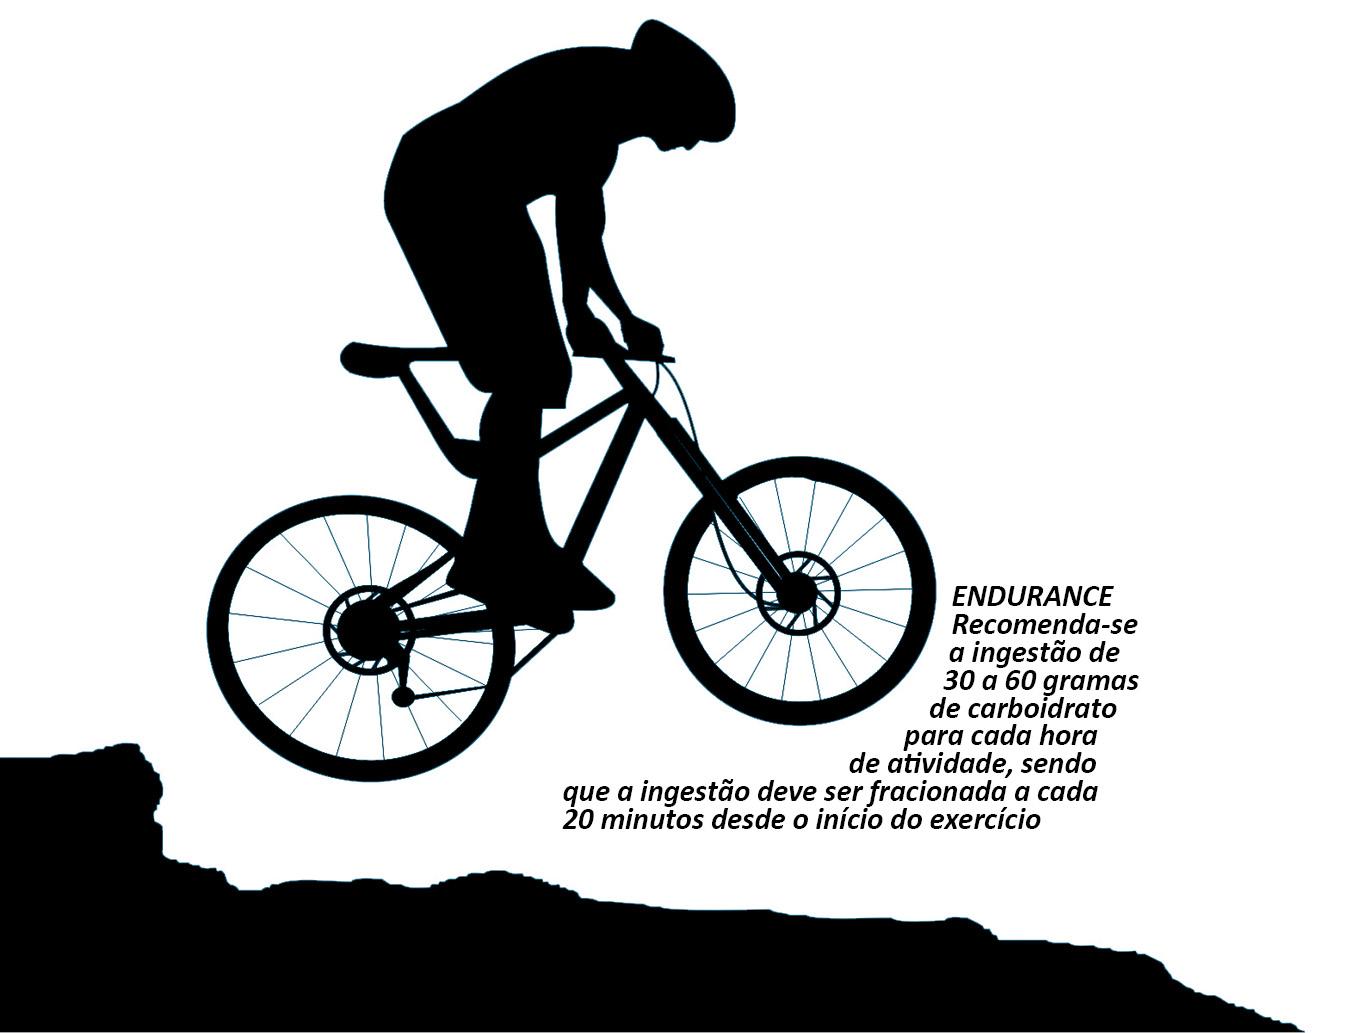 Suplemento Esportivo Ciclismo Revista Correr Corrida